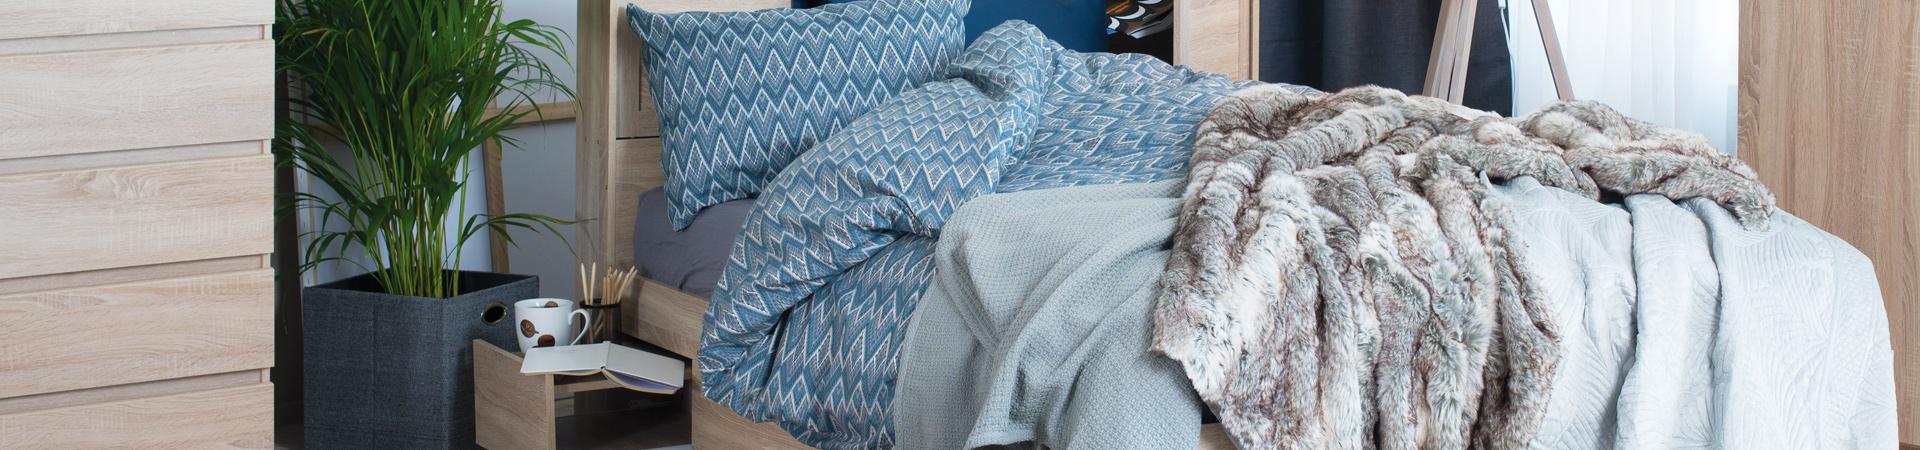 Apklotai ir lovatiesės